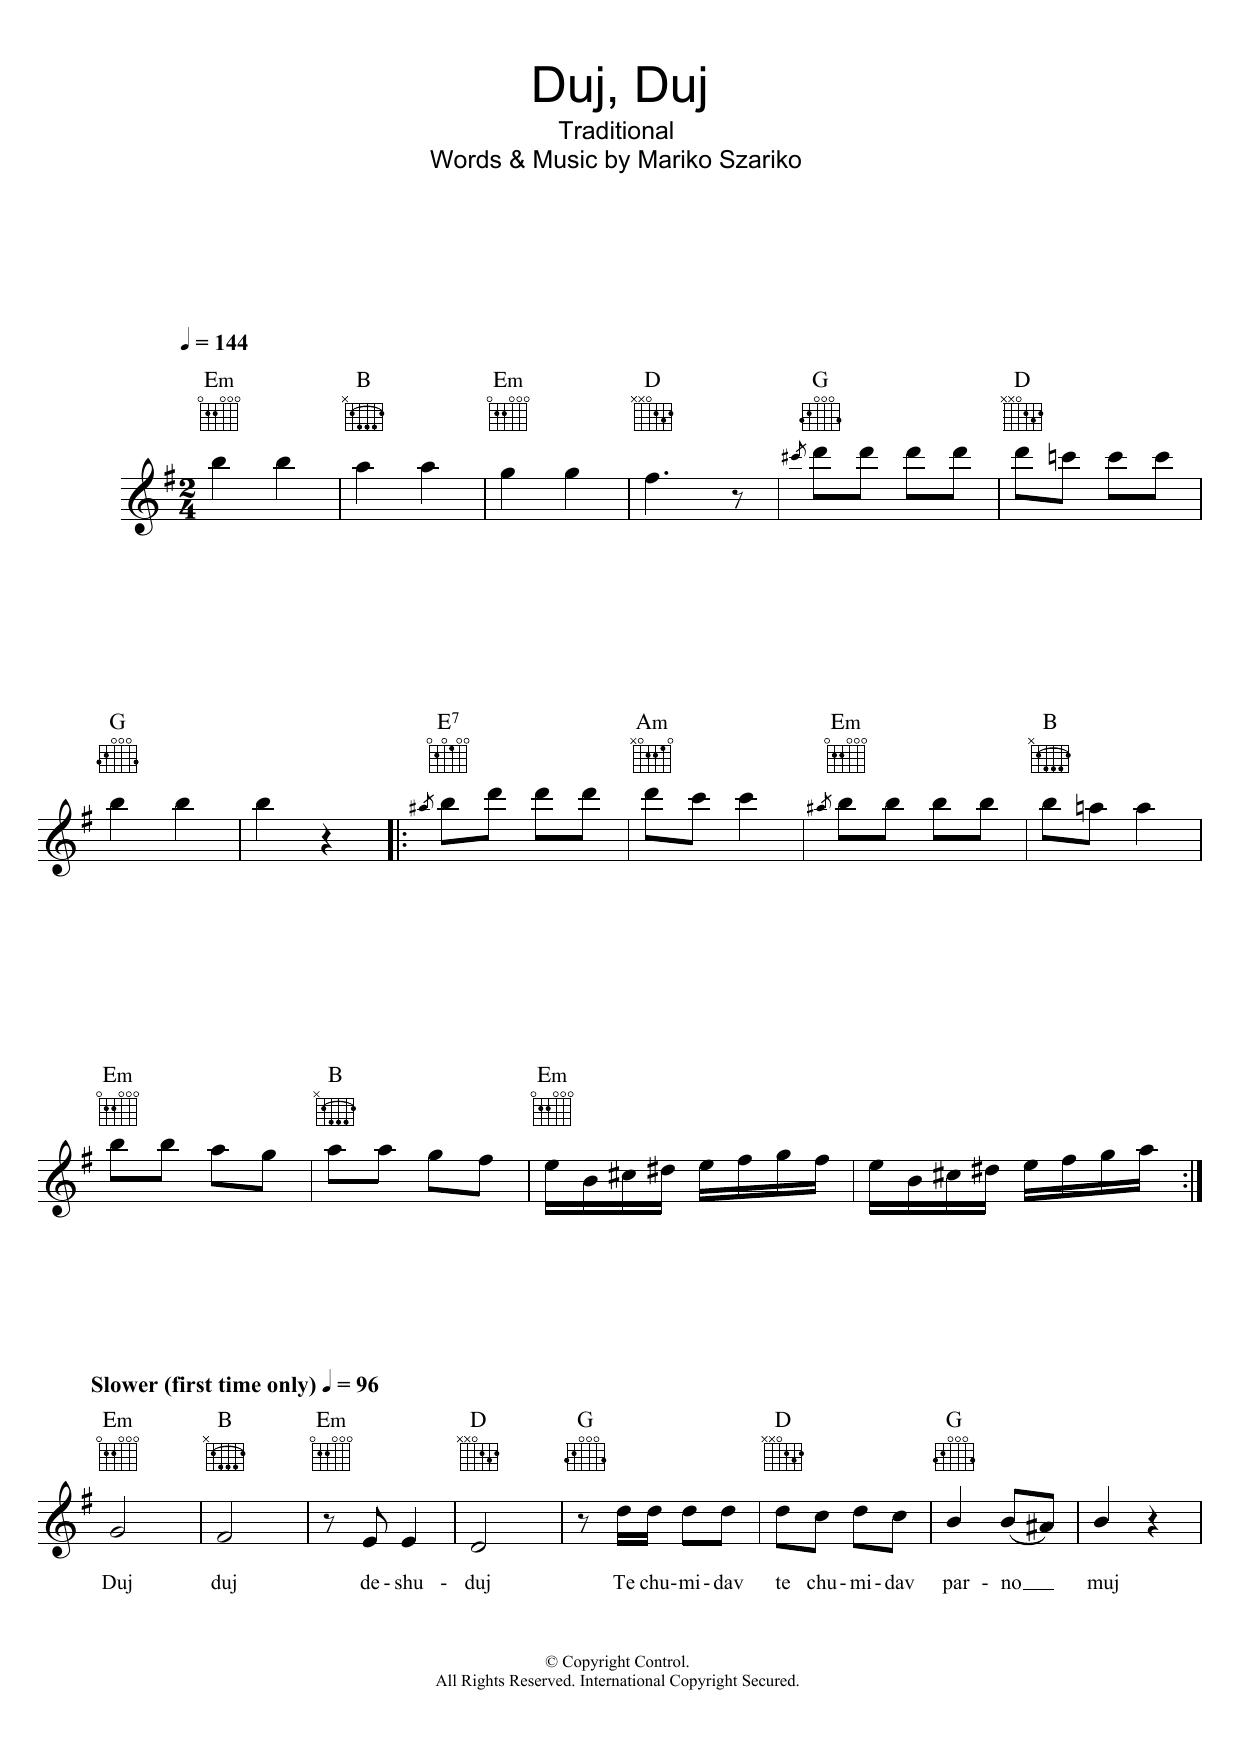 Duj, Duj (Szariko Mariko) Sheet Music